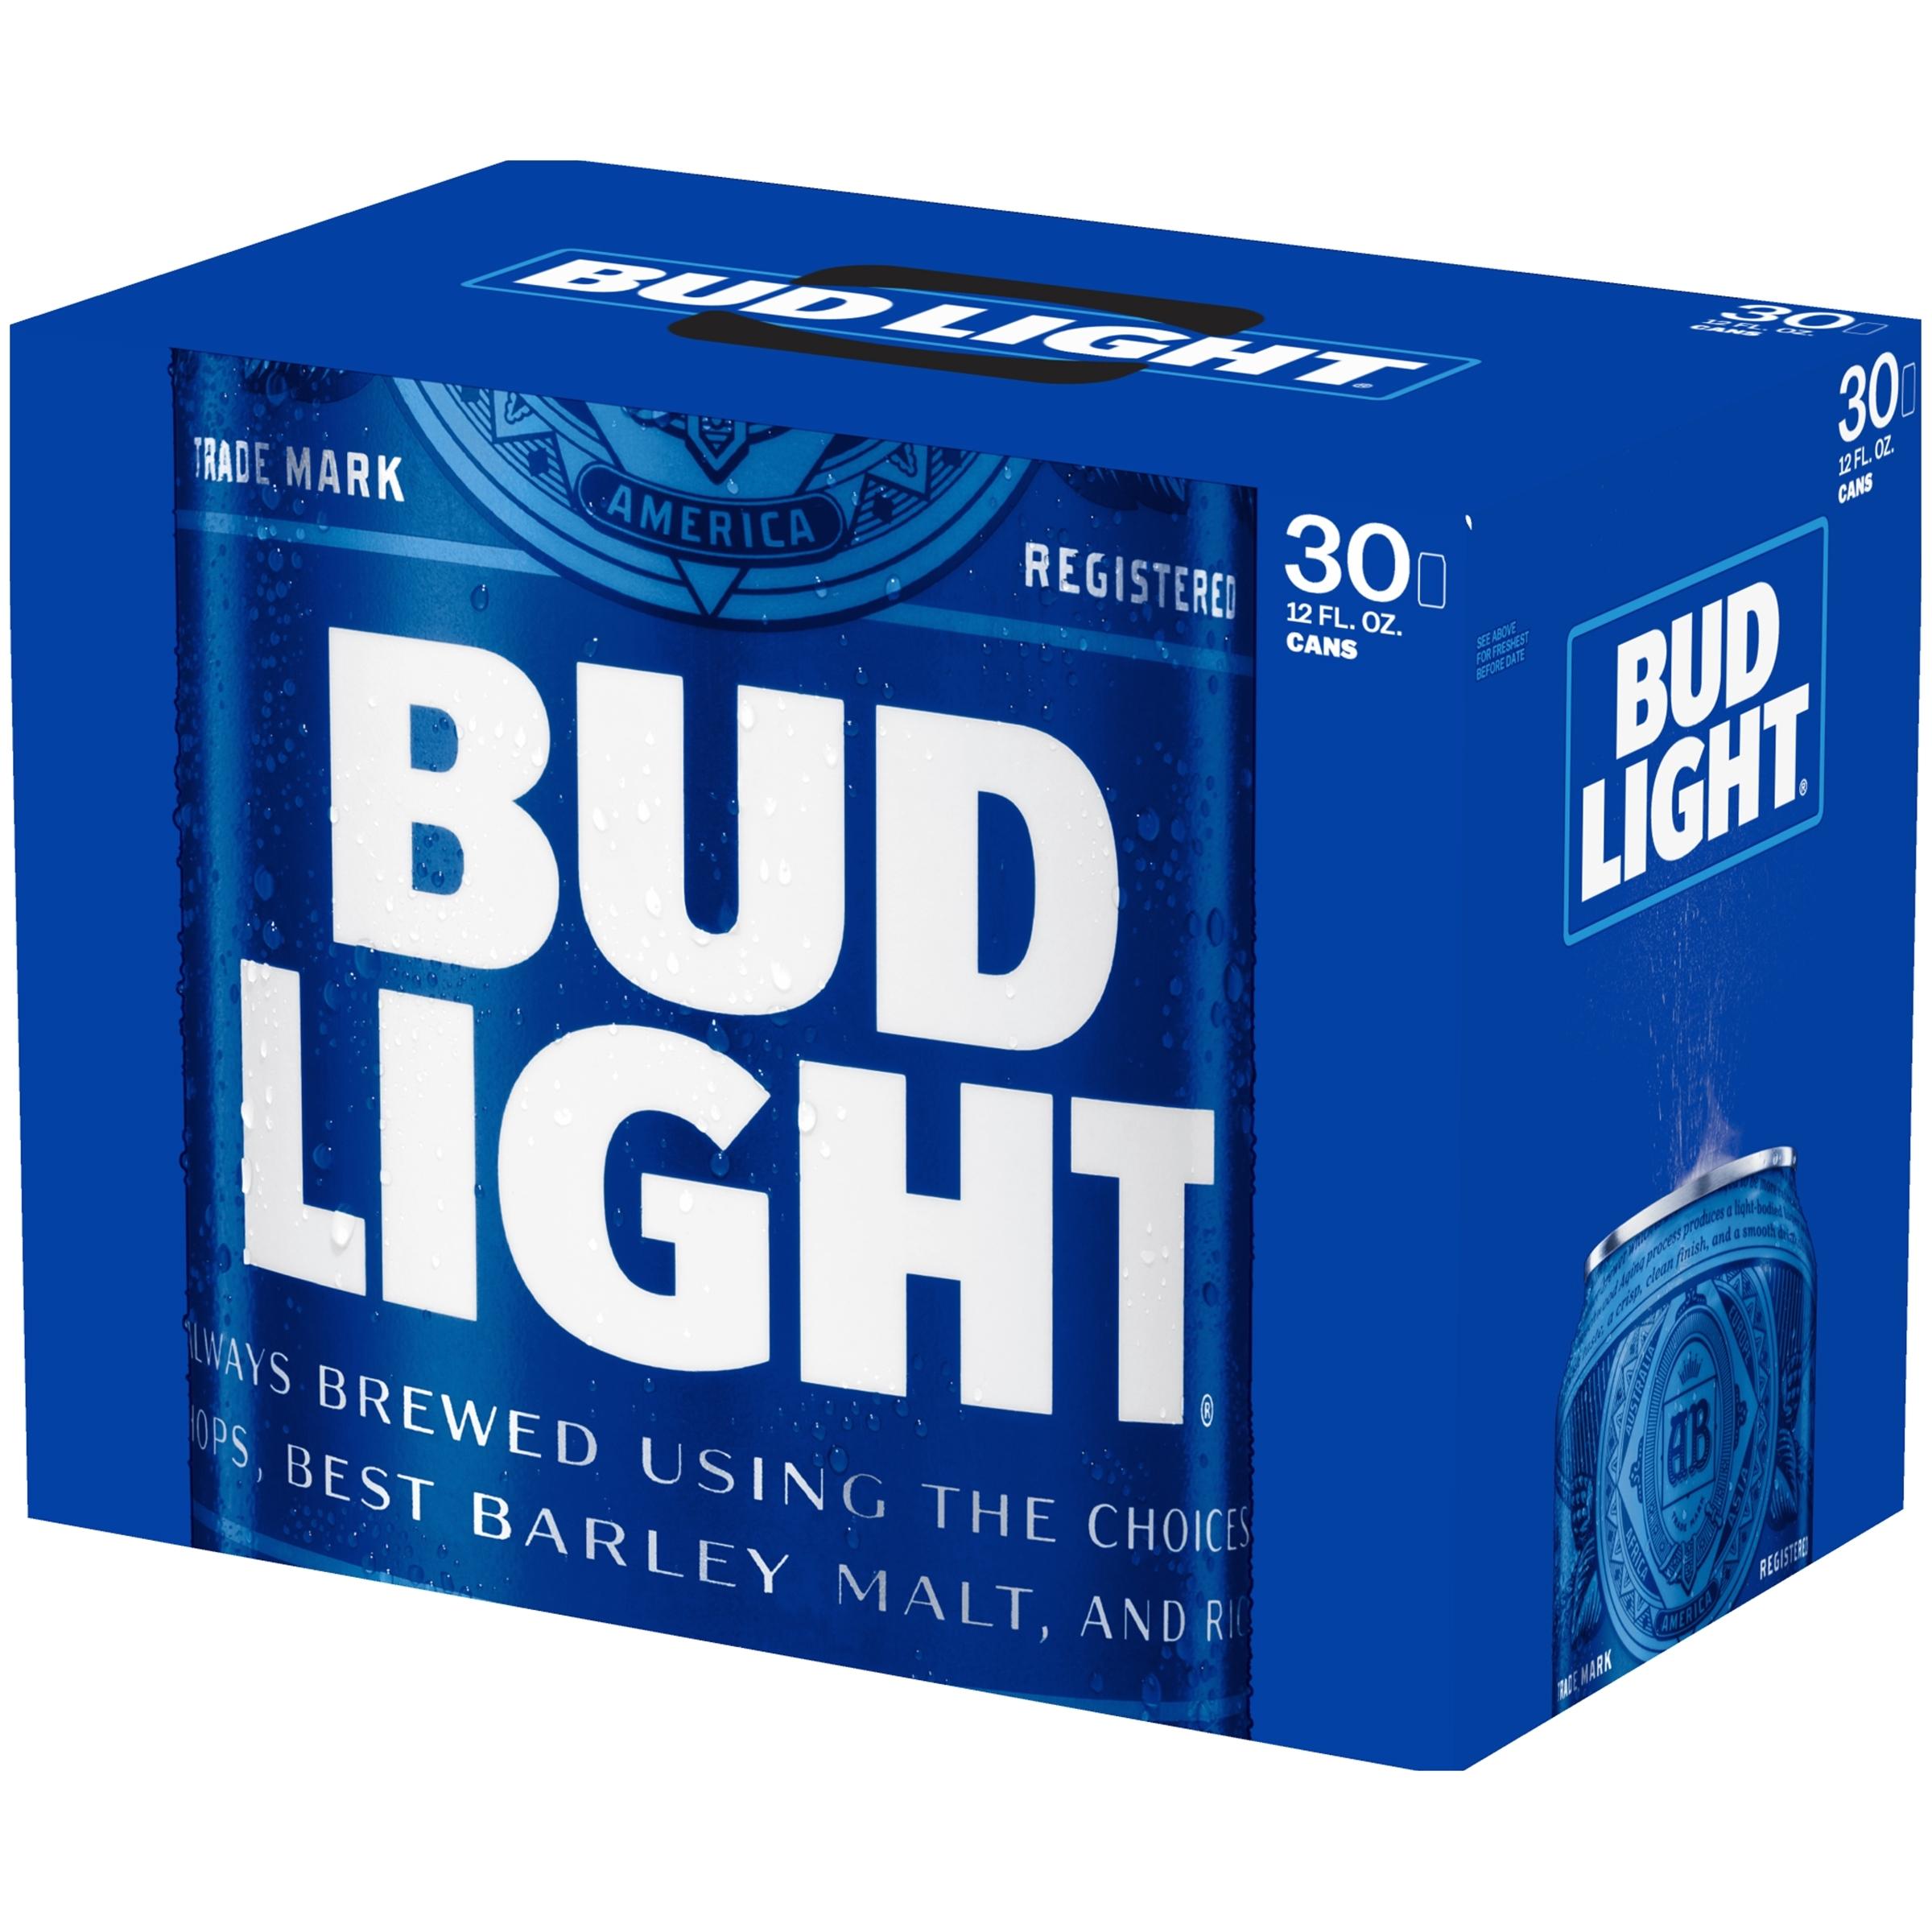 bud light beer 30 pack 12 fl oz com